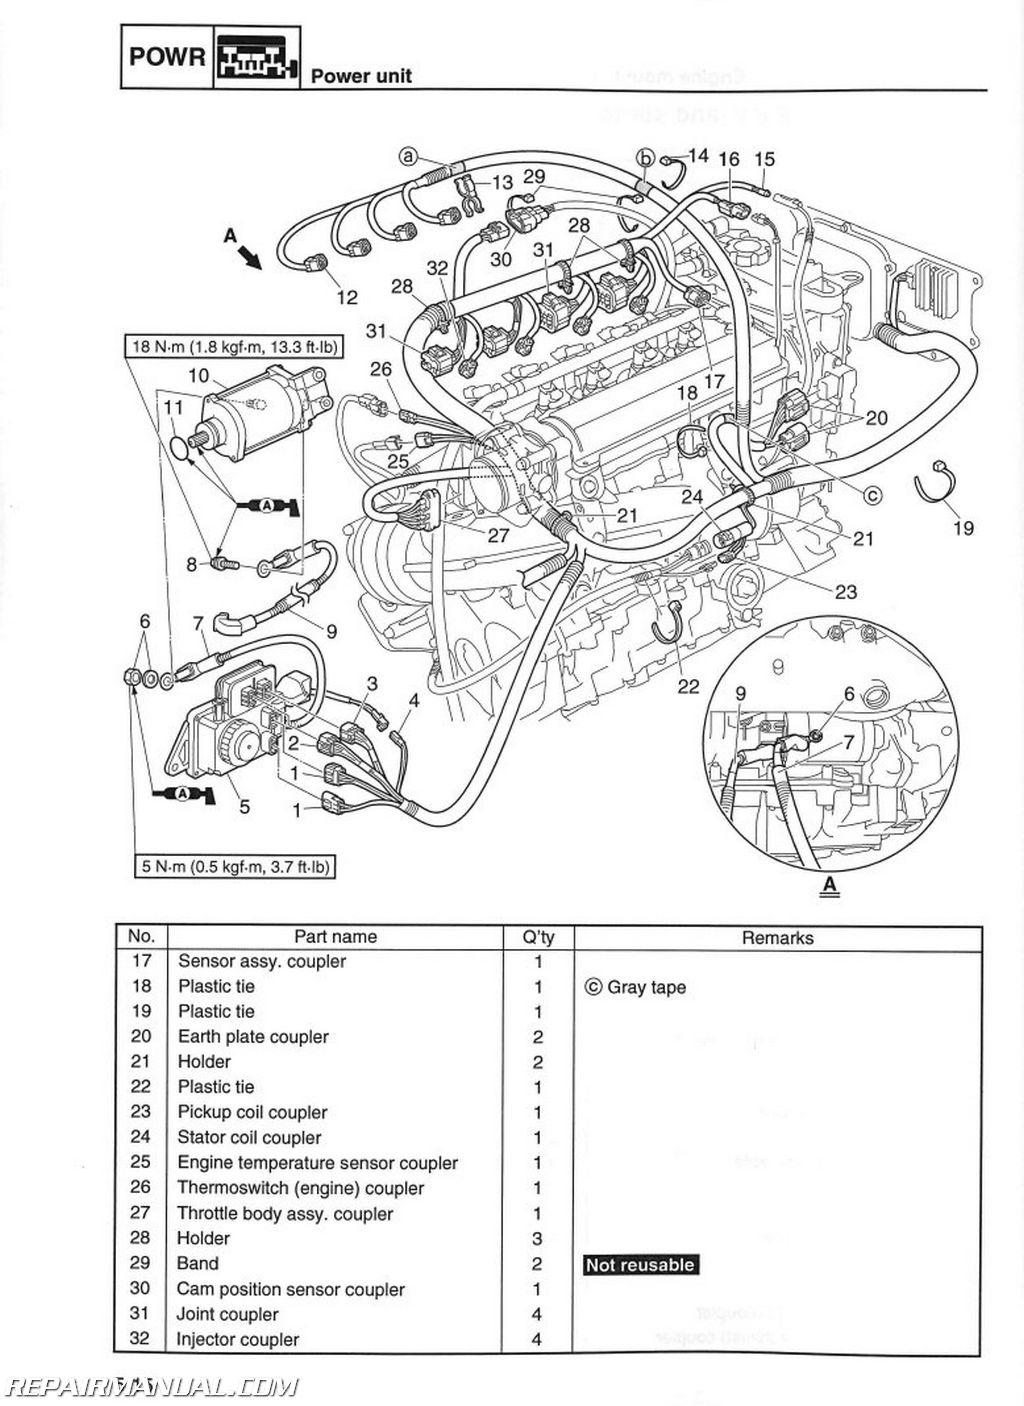 2010-2014 Yamaha Vx1100 Cruiser Deluxe 2015 V1 Sport Waverunner - Taotao 125 Atv Wiring Diagram